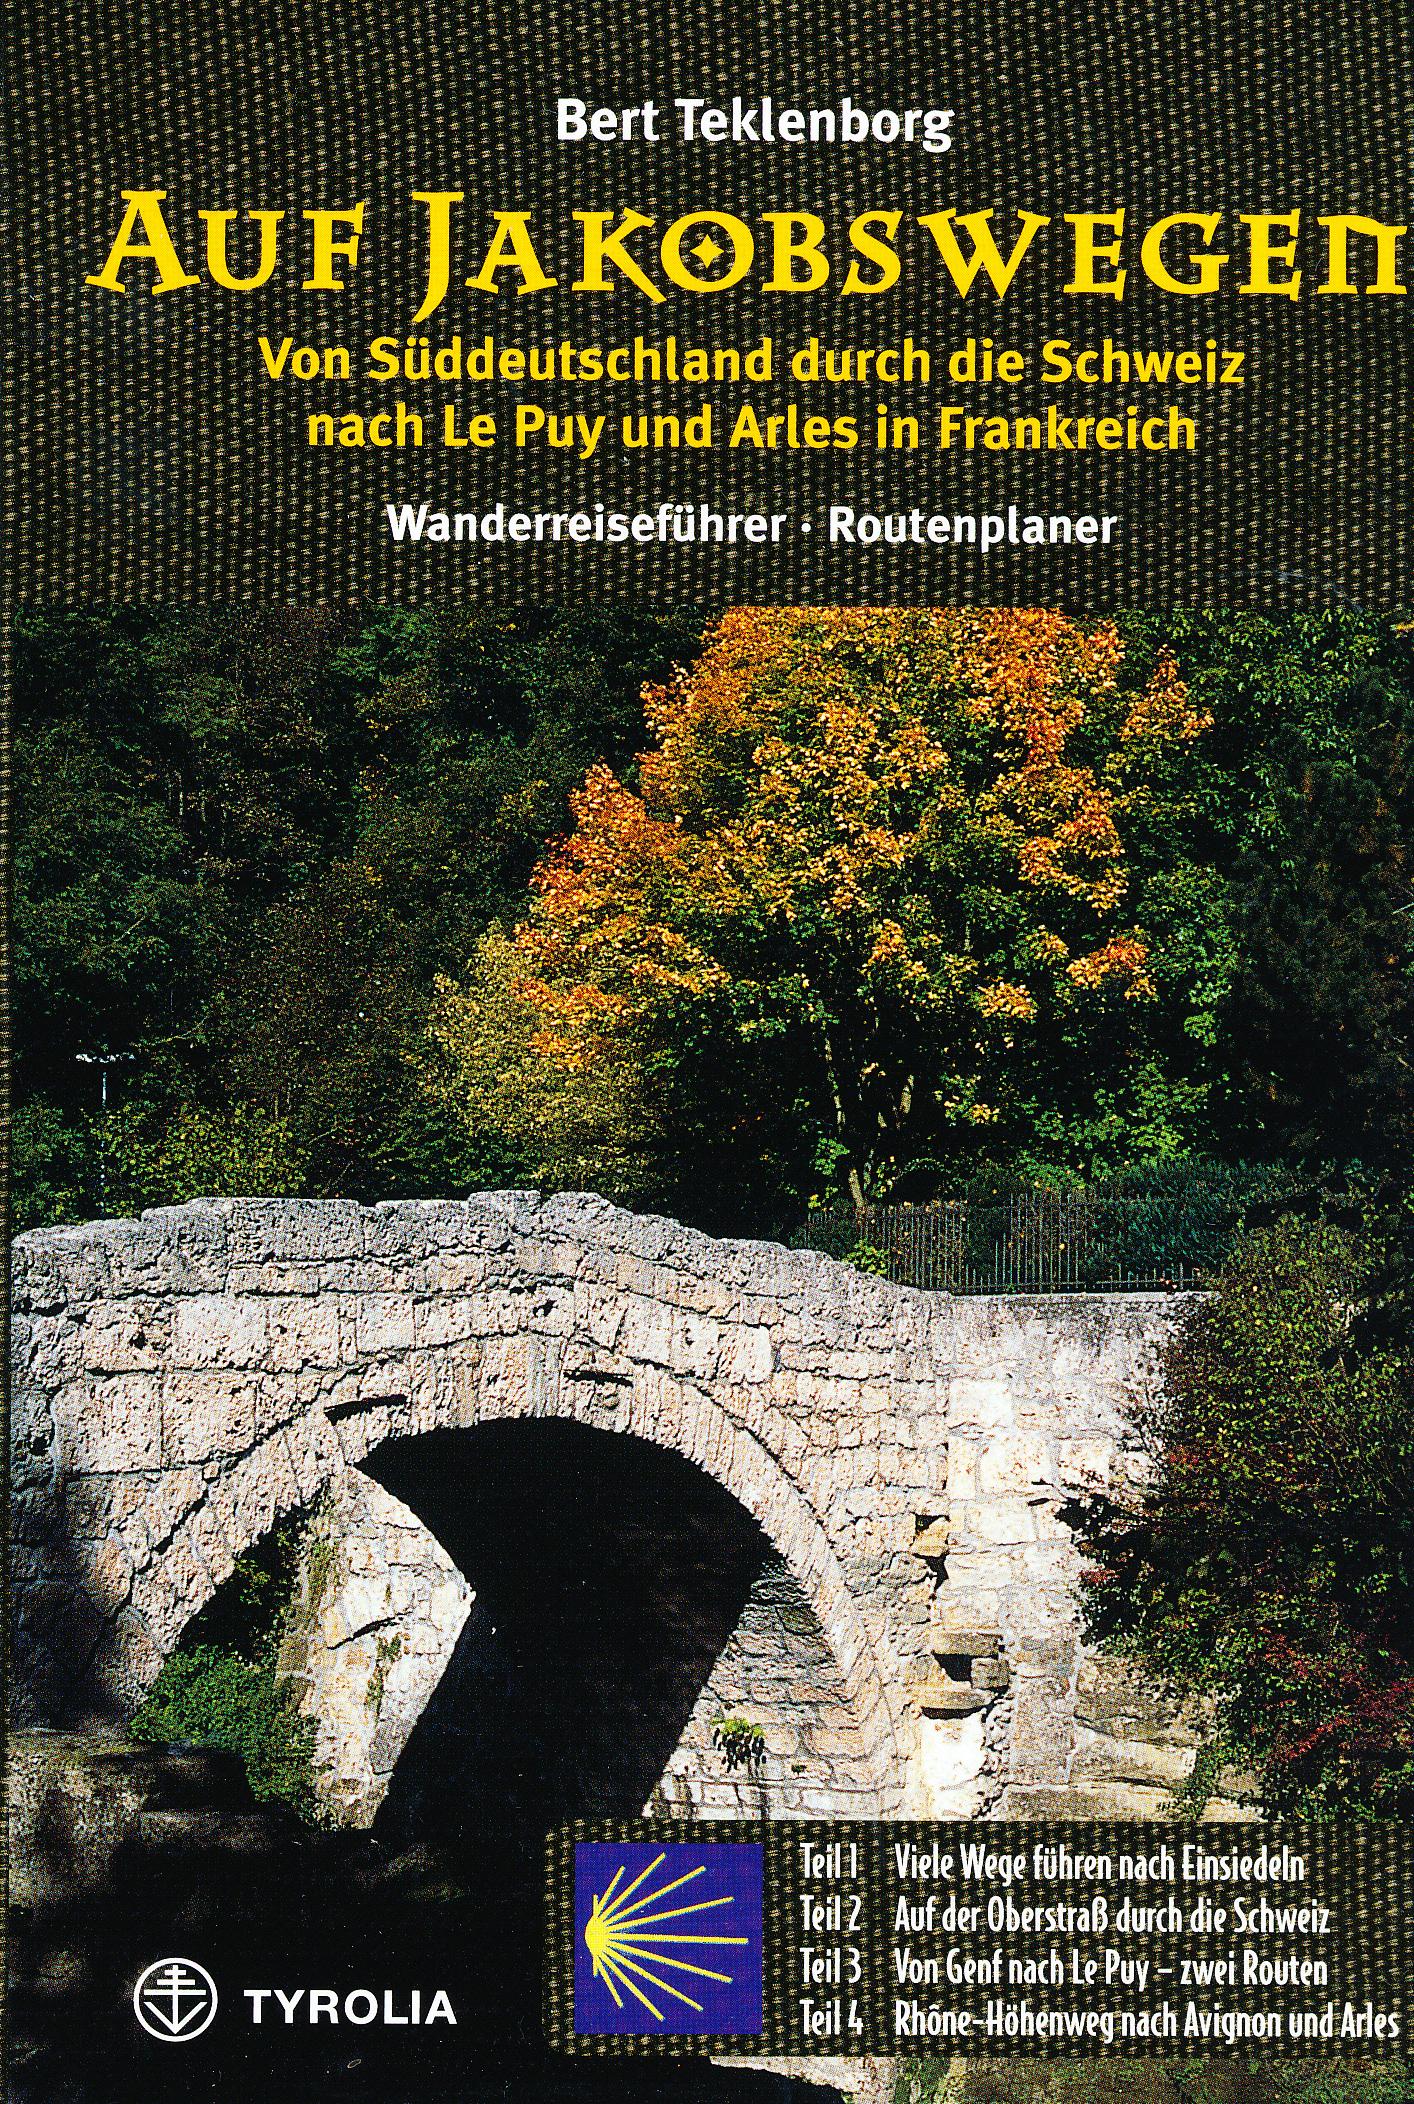 Auf Jakobswegen. Von Süddeutschland durch die Schweiz nach Le Puy und Arles von Bert Teklenborg